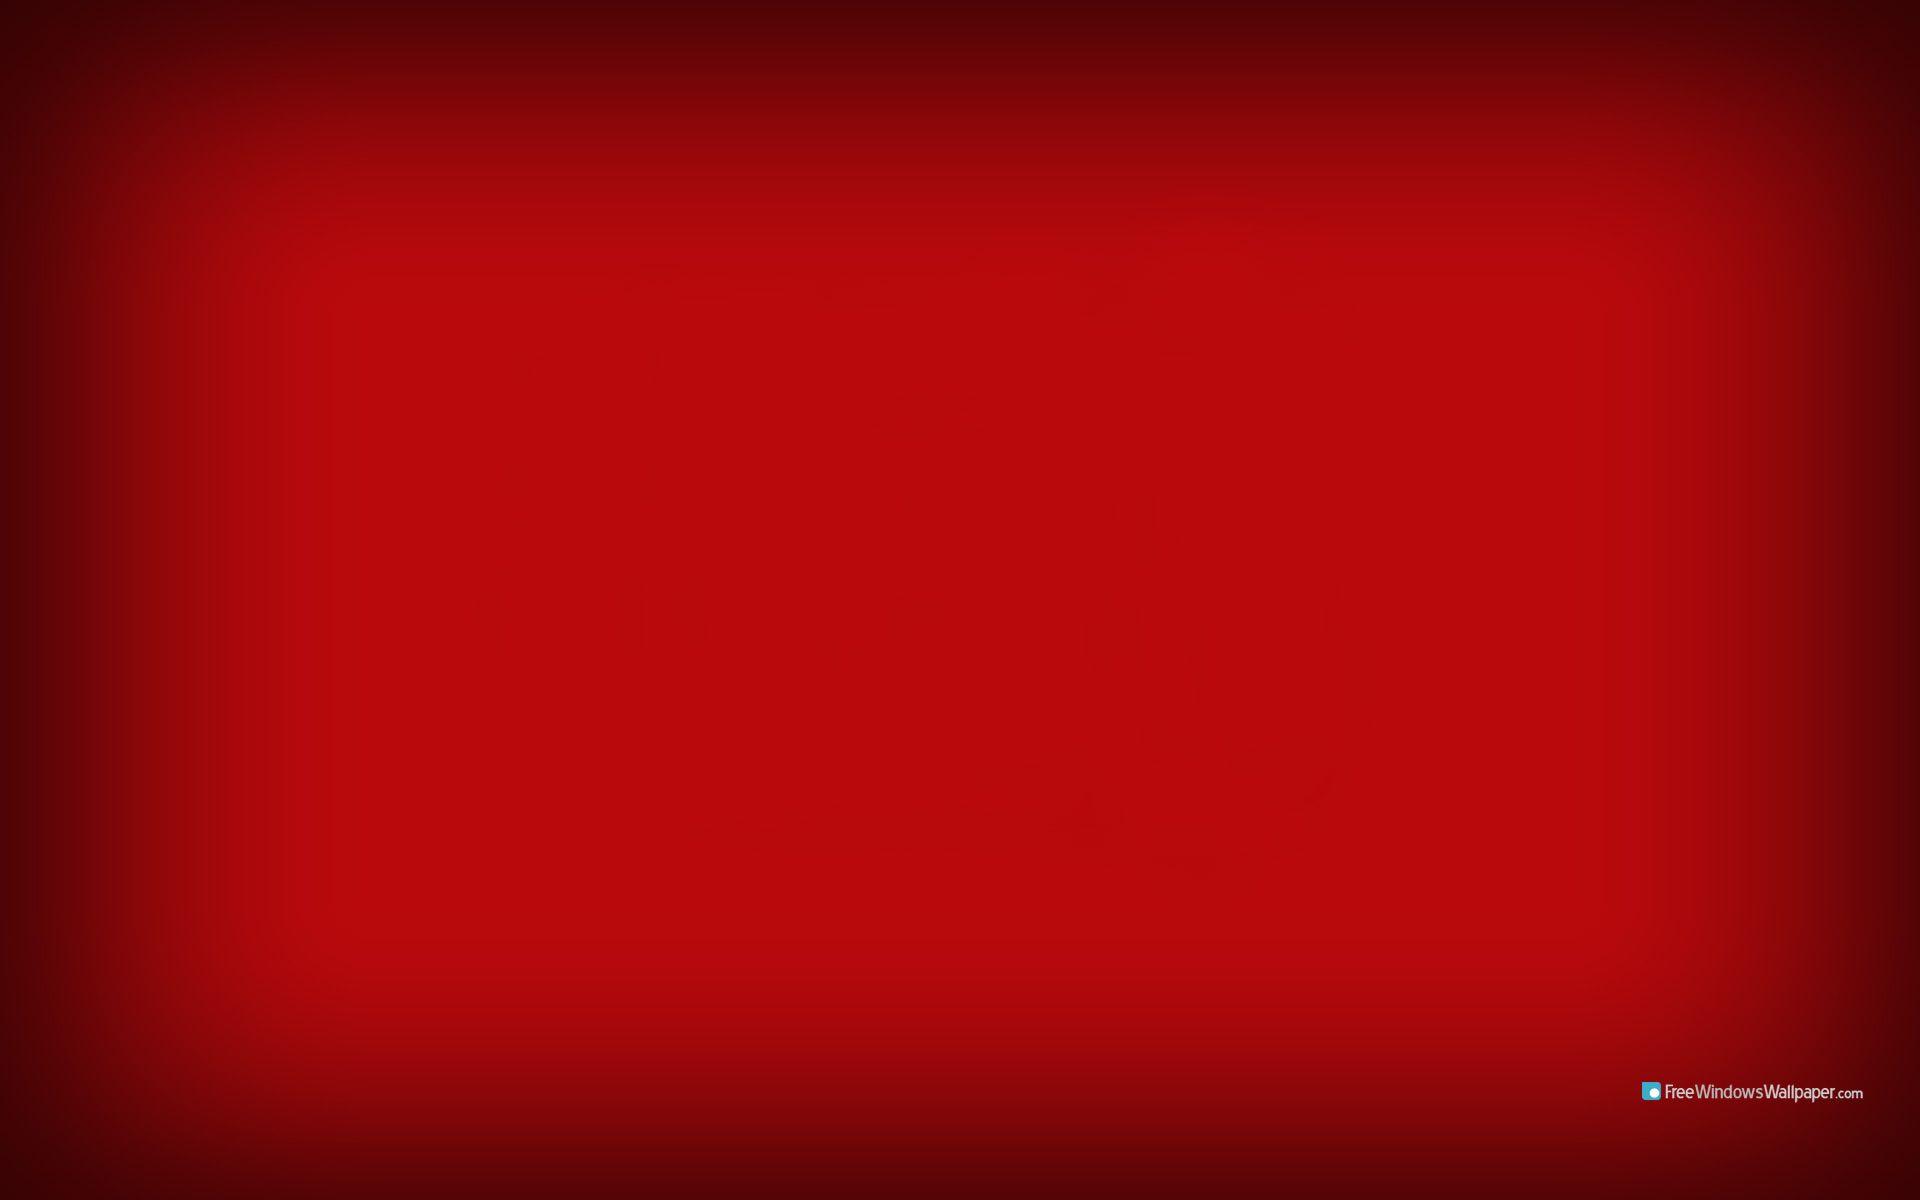 чисто красный фон картинки пожалуйста